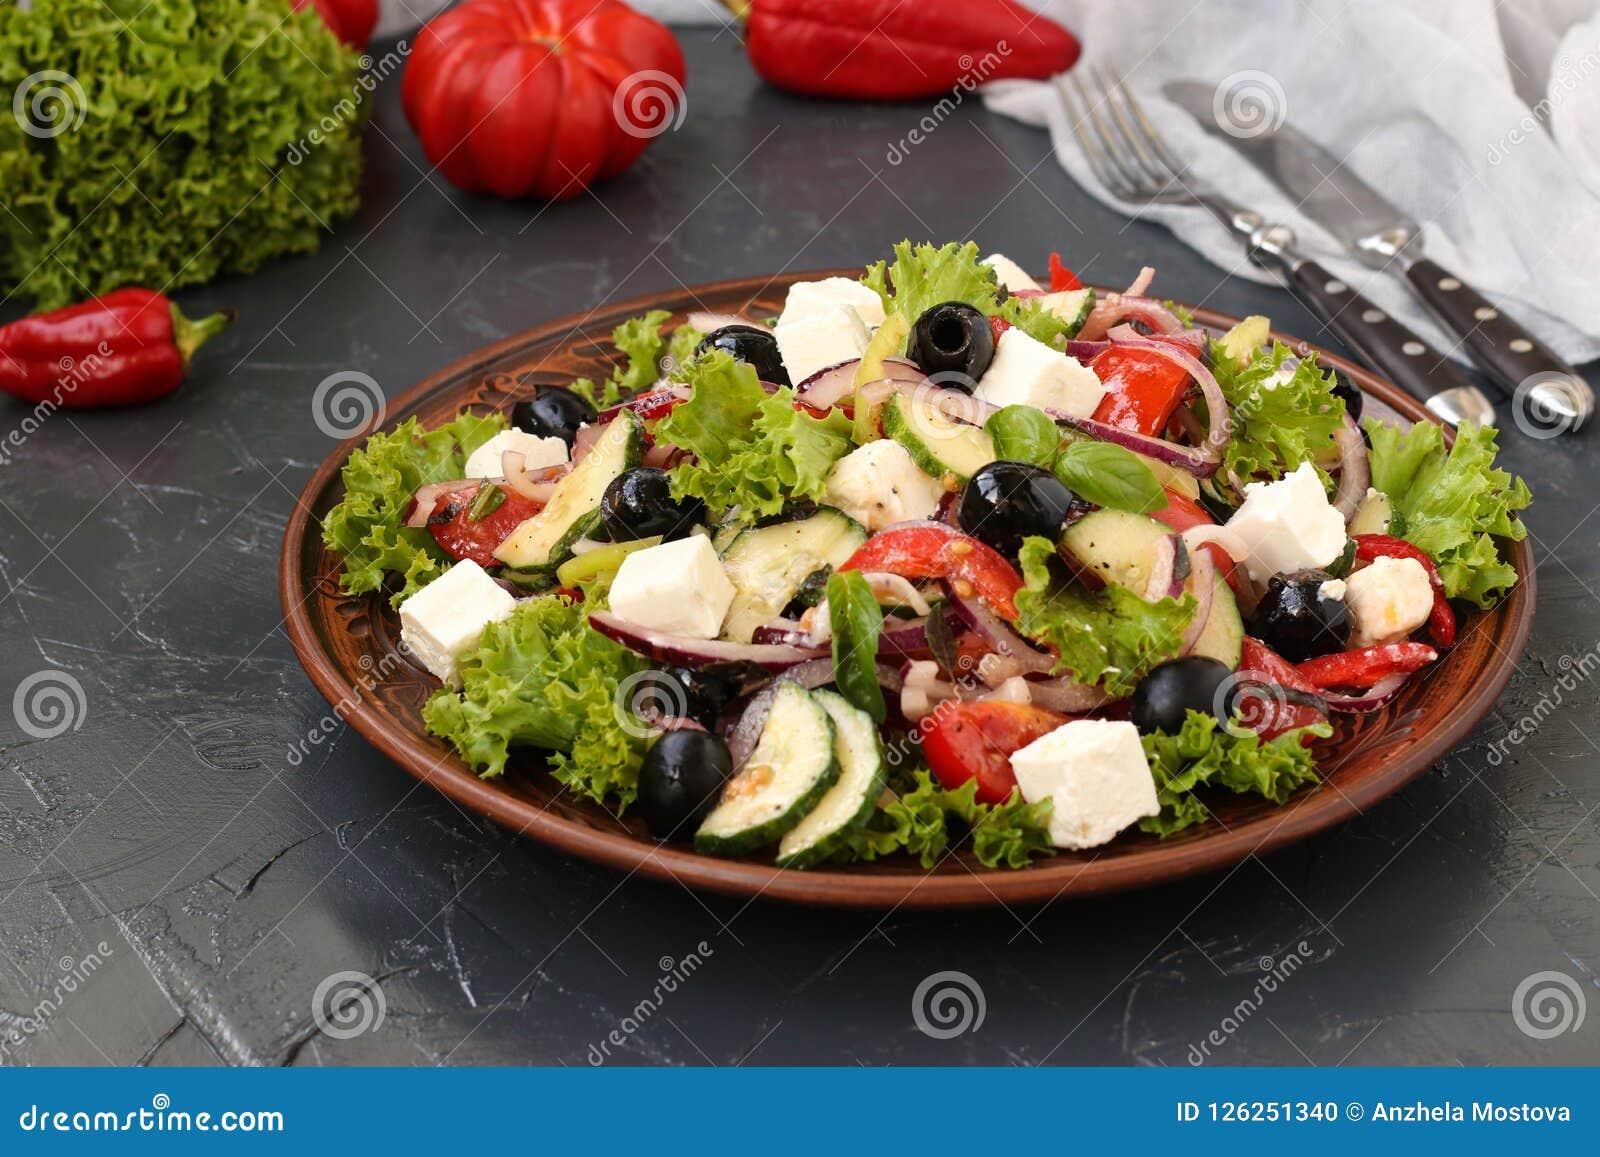 De la salade grecque est située sur un plat sur un fond foncé